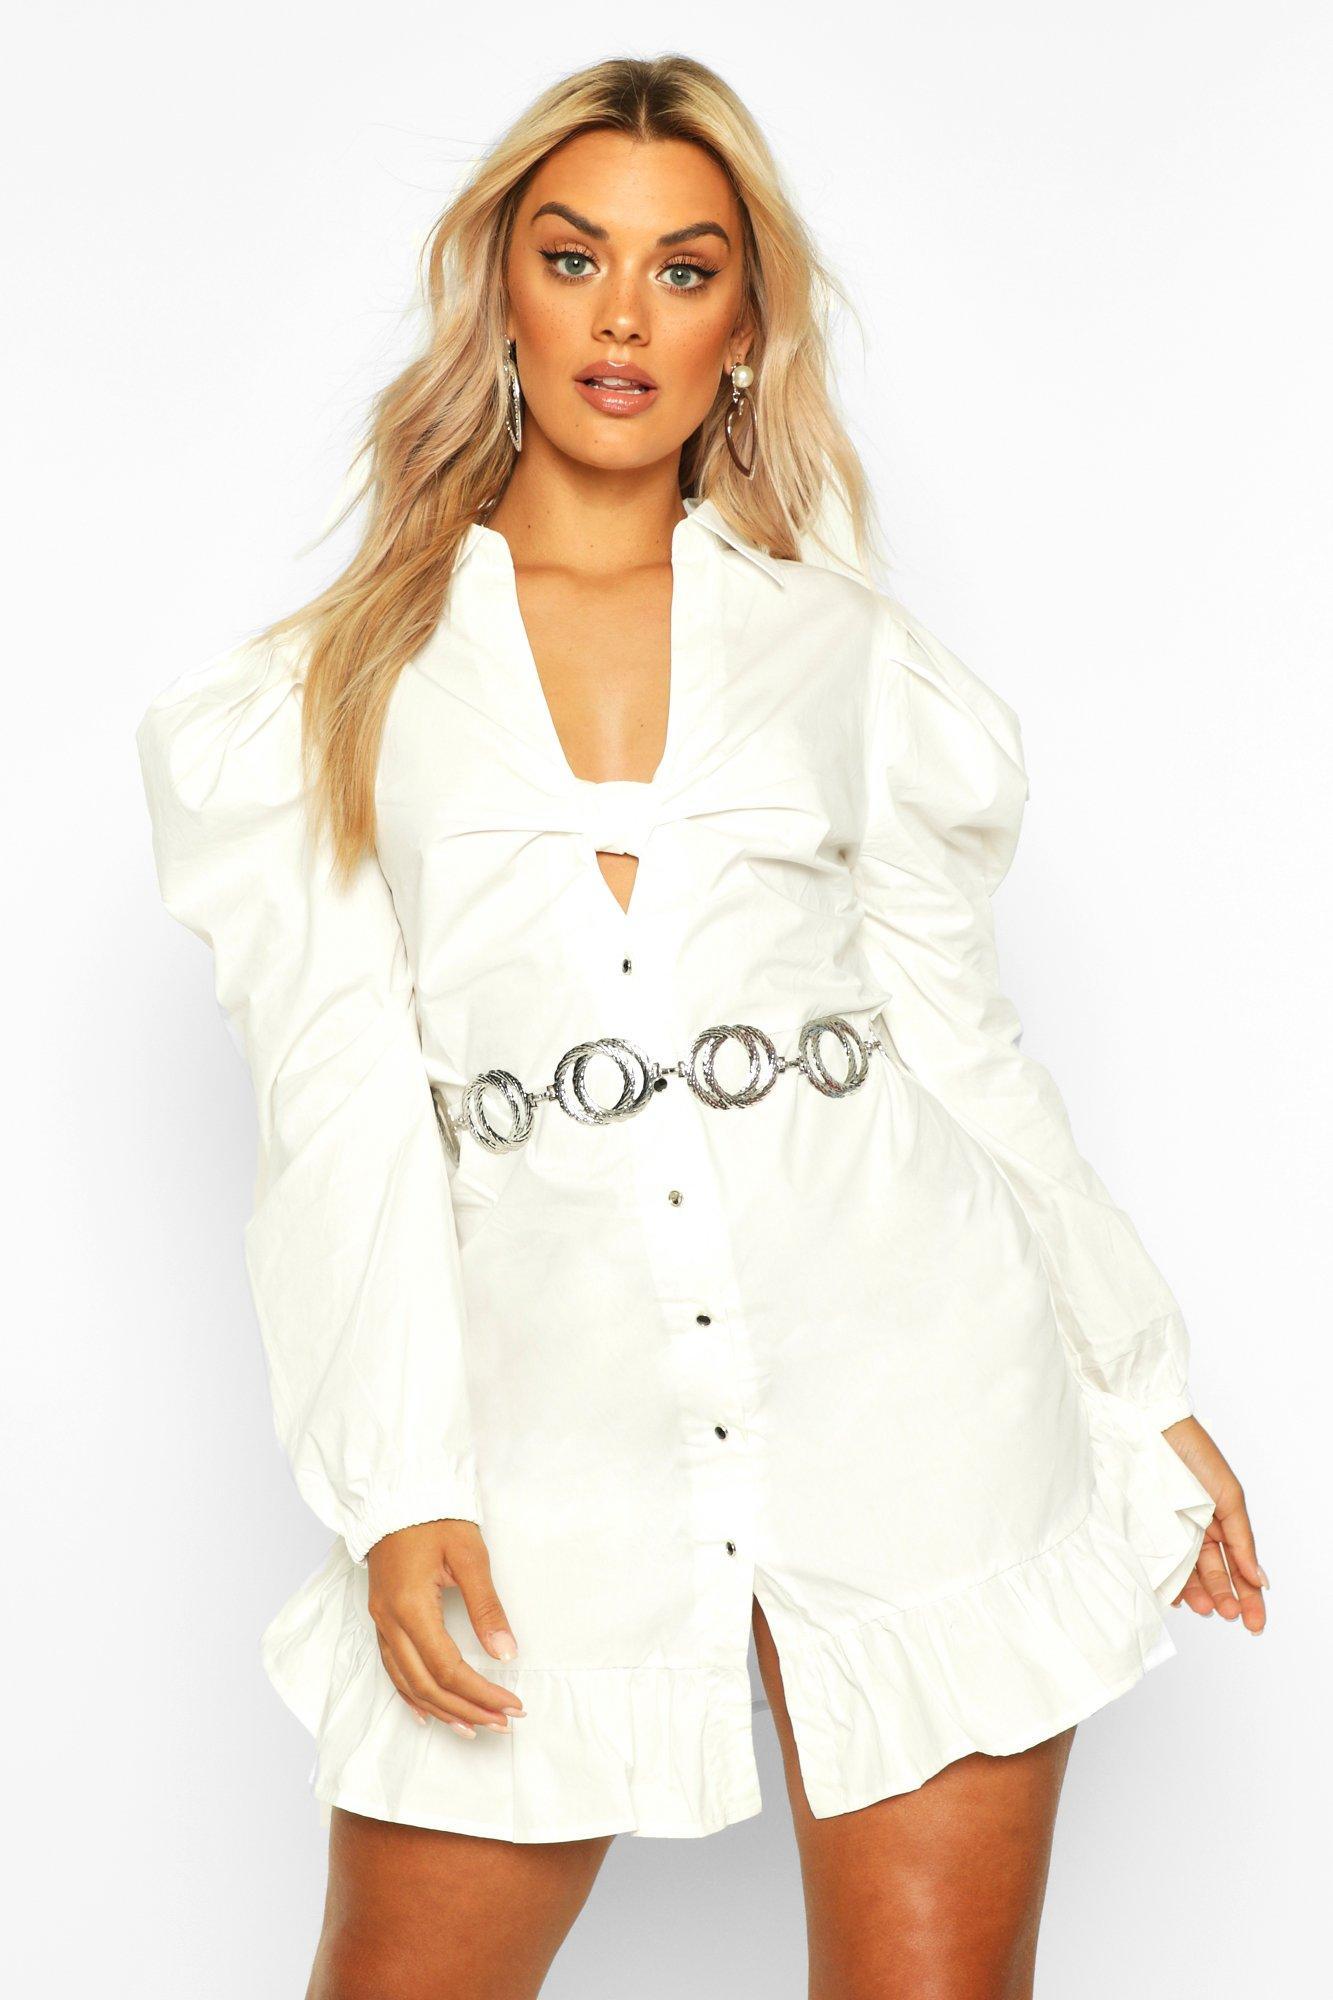 Womens Plus Blusenkleid mit Rüschensaum und Knotenfront - elfenbeinfarben - 42, Elfenbeinfarben - Boohoo.com